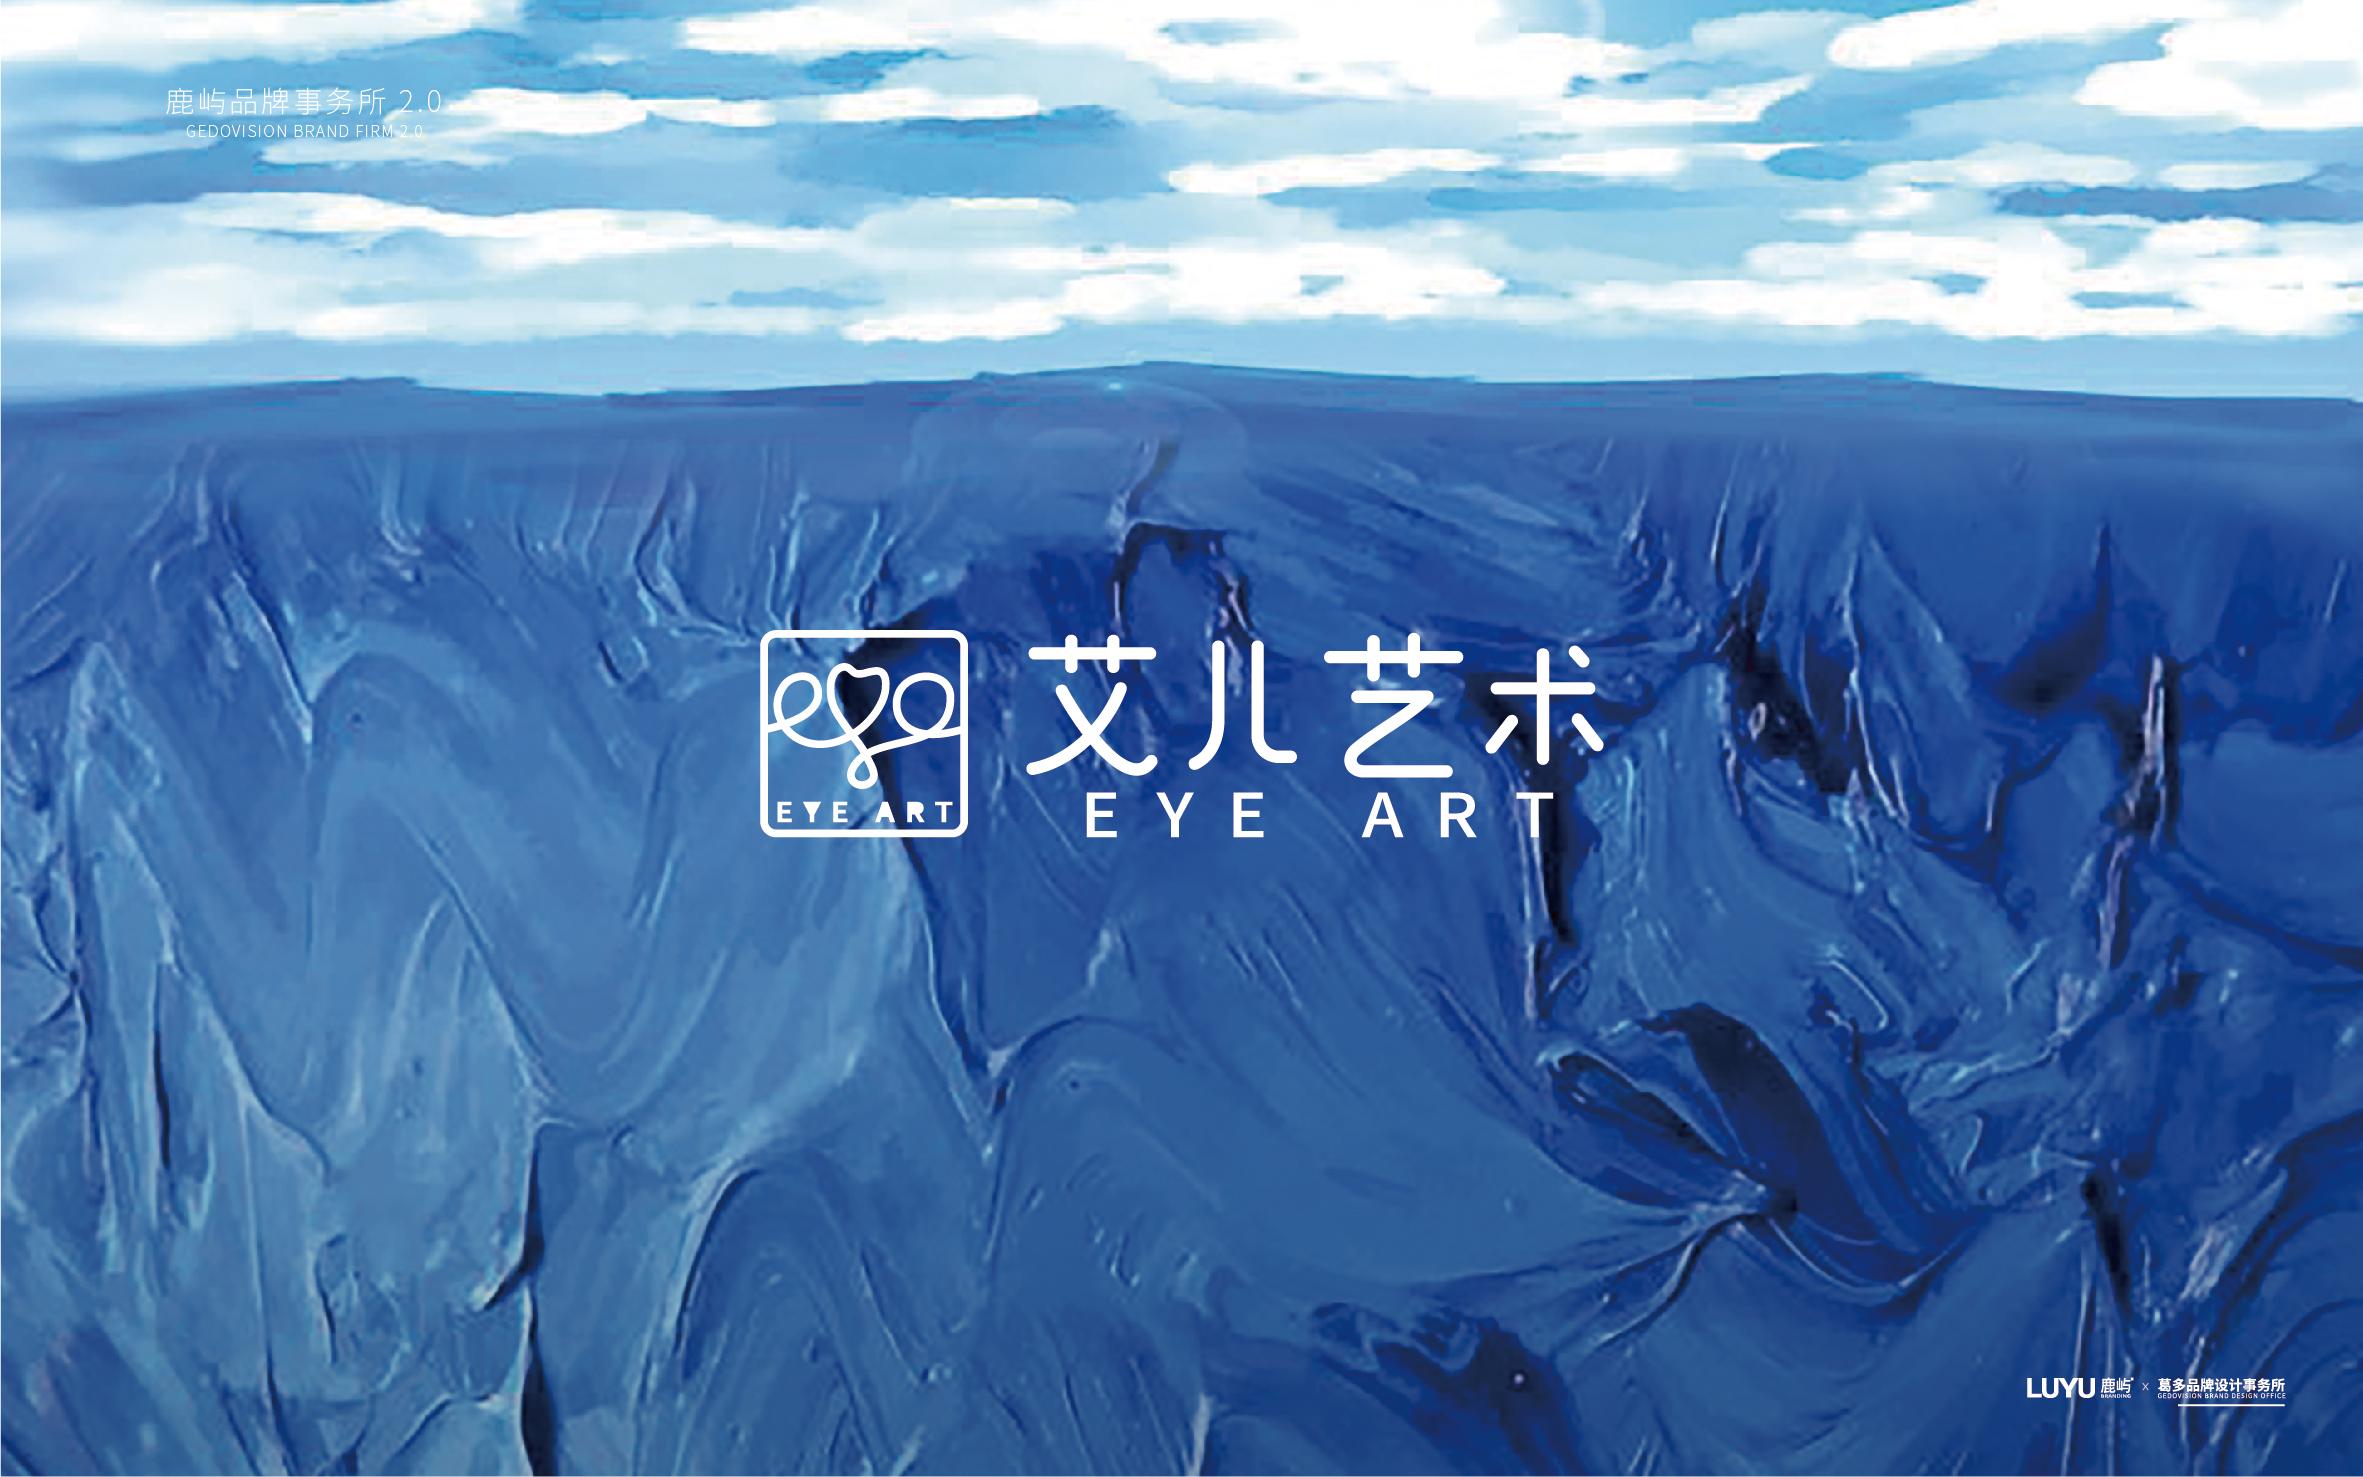 艾儿艺术教育培训品牌logo